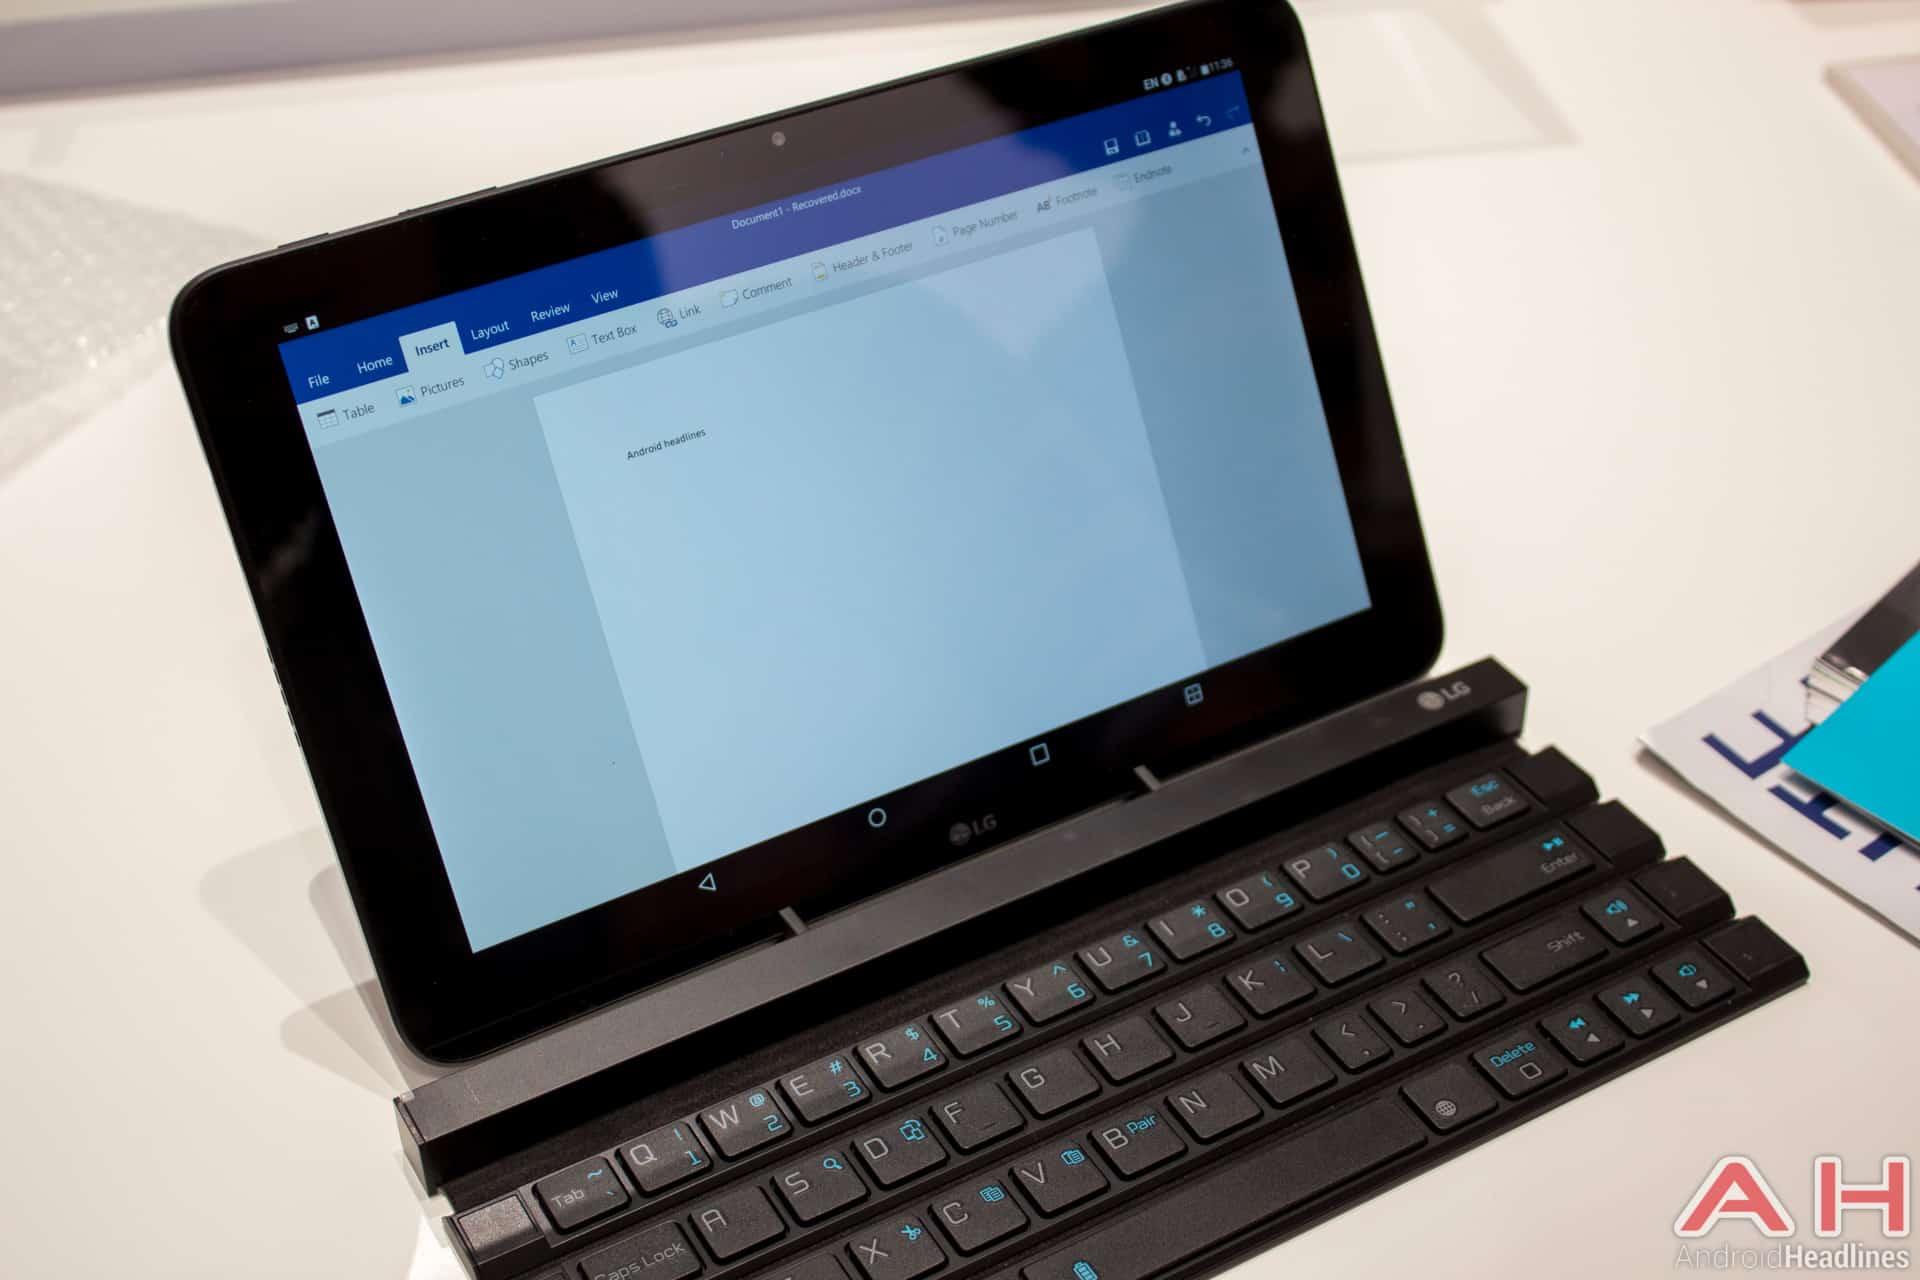 LG Rolly Keyboard AH 9